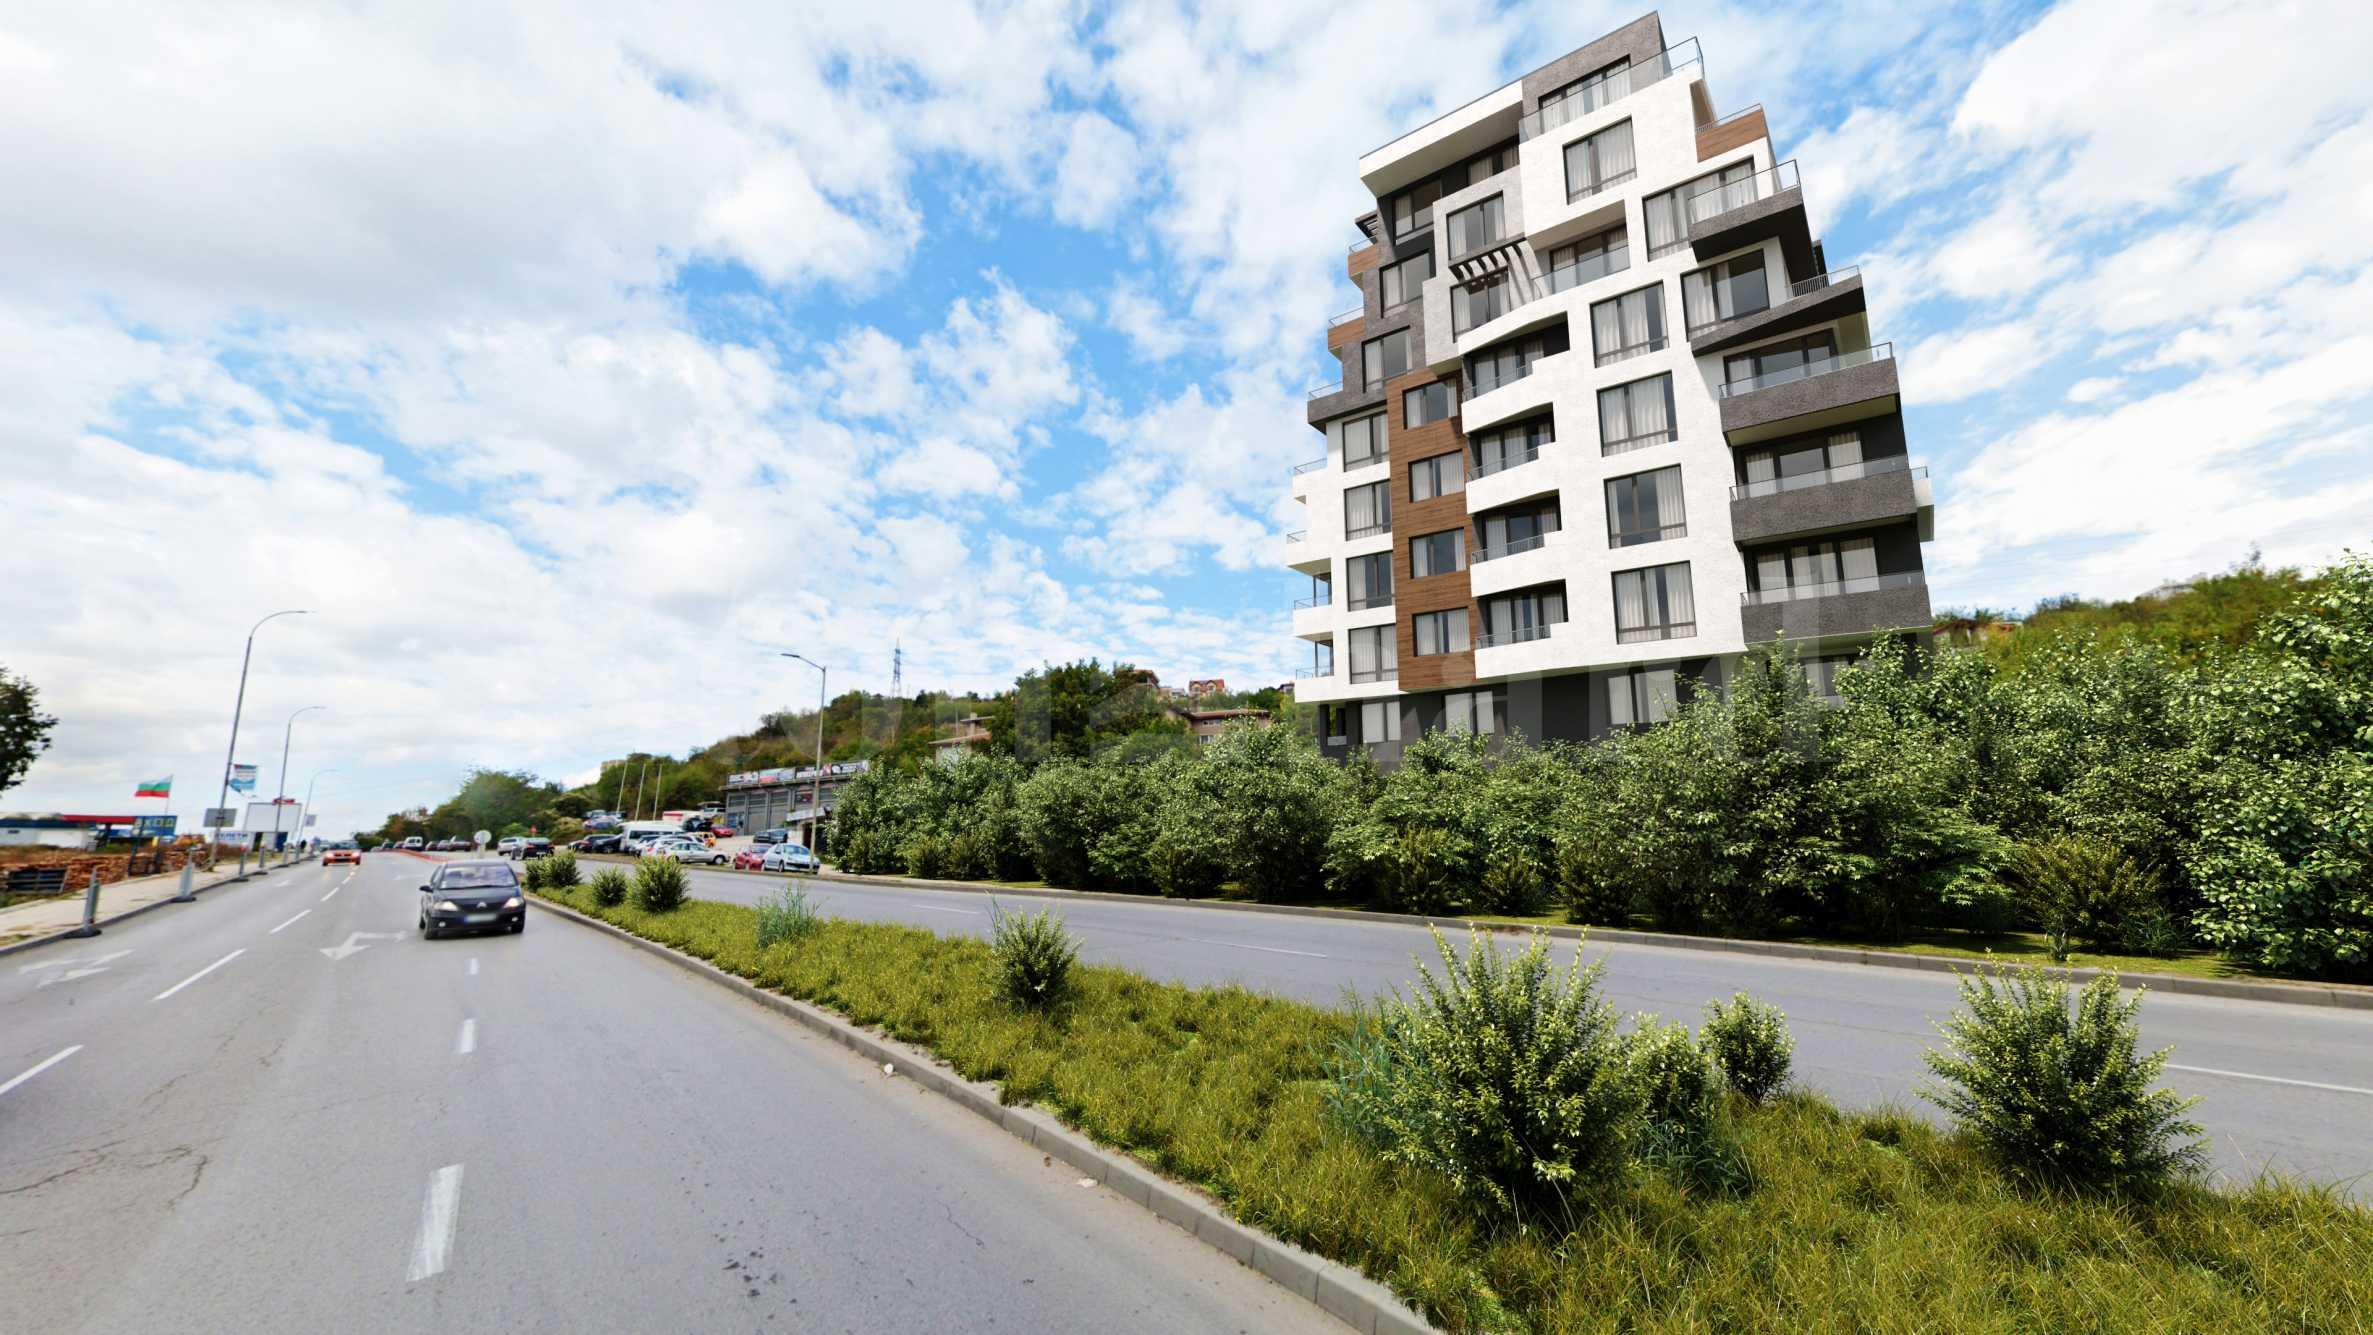 Апартаменти ново строителство, гаражи и паркоместа в м-т Пчелина2 - Stonehard